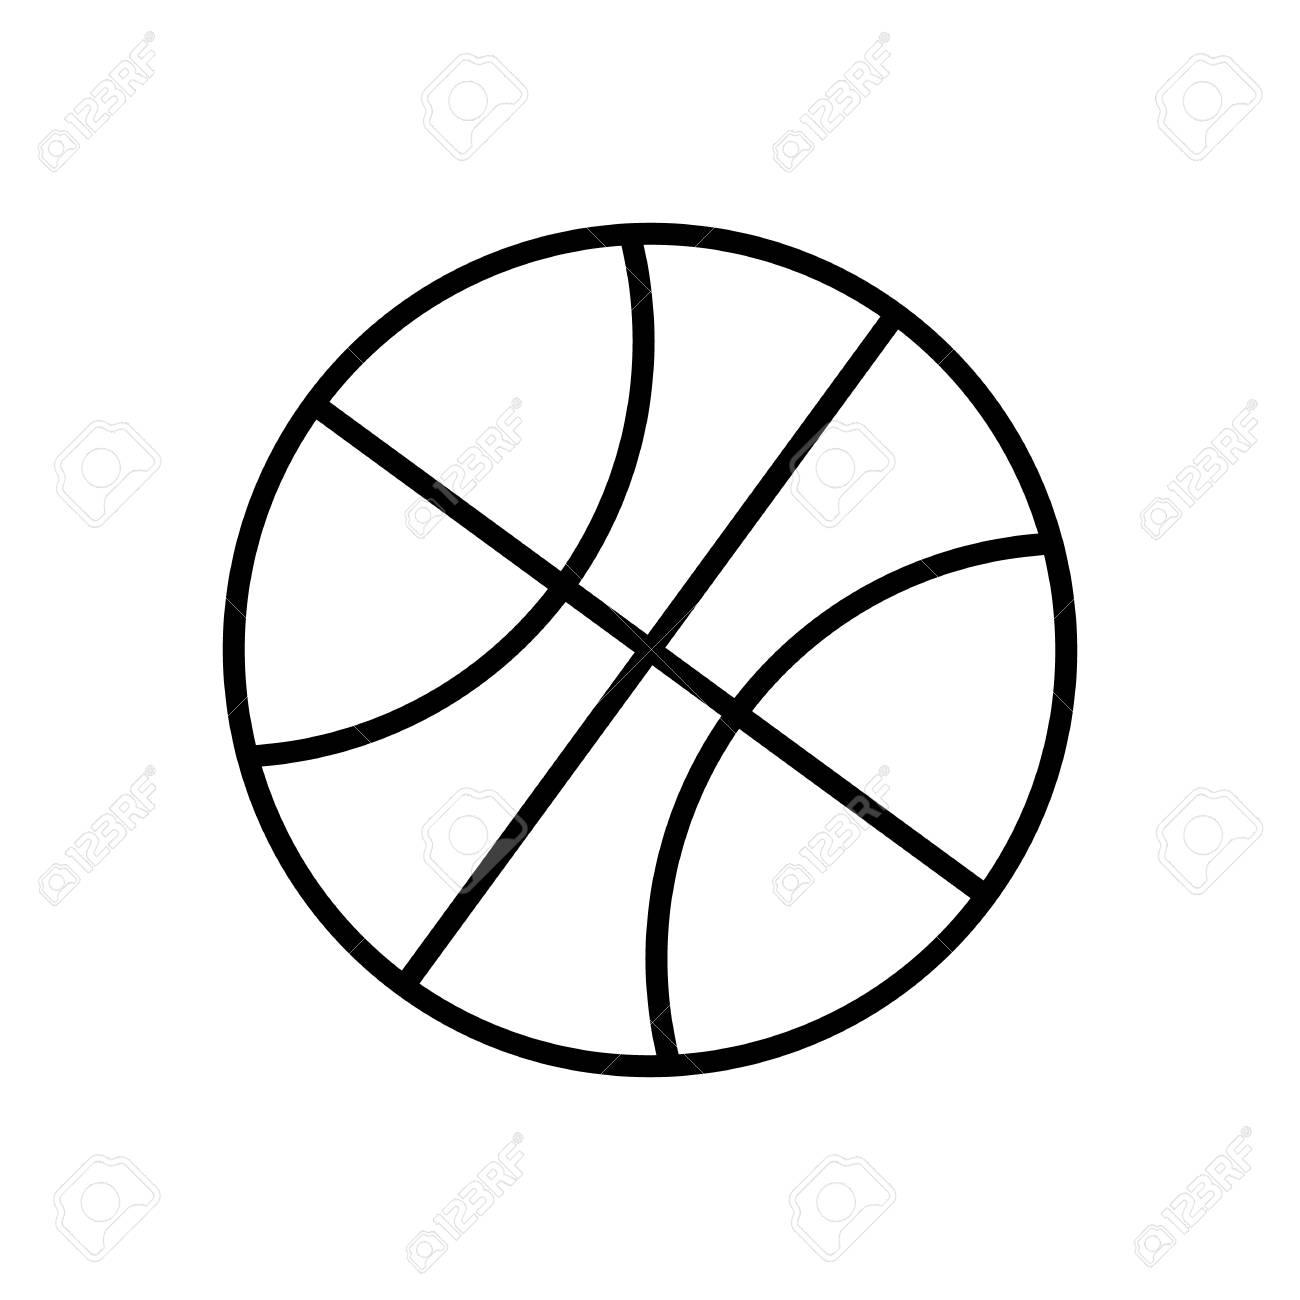 Basketball Ball Drawing At Getdrawings